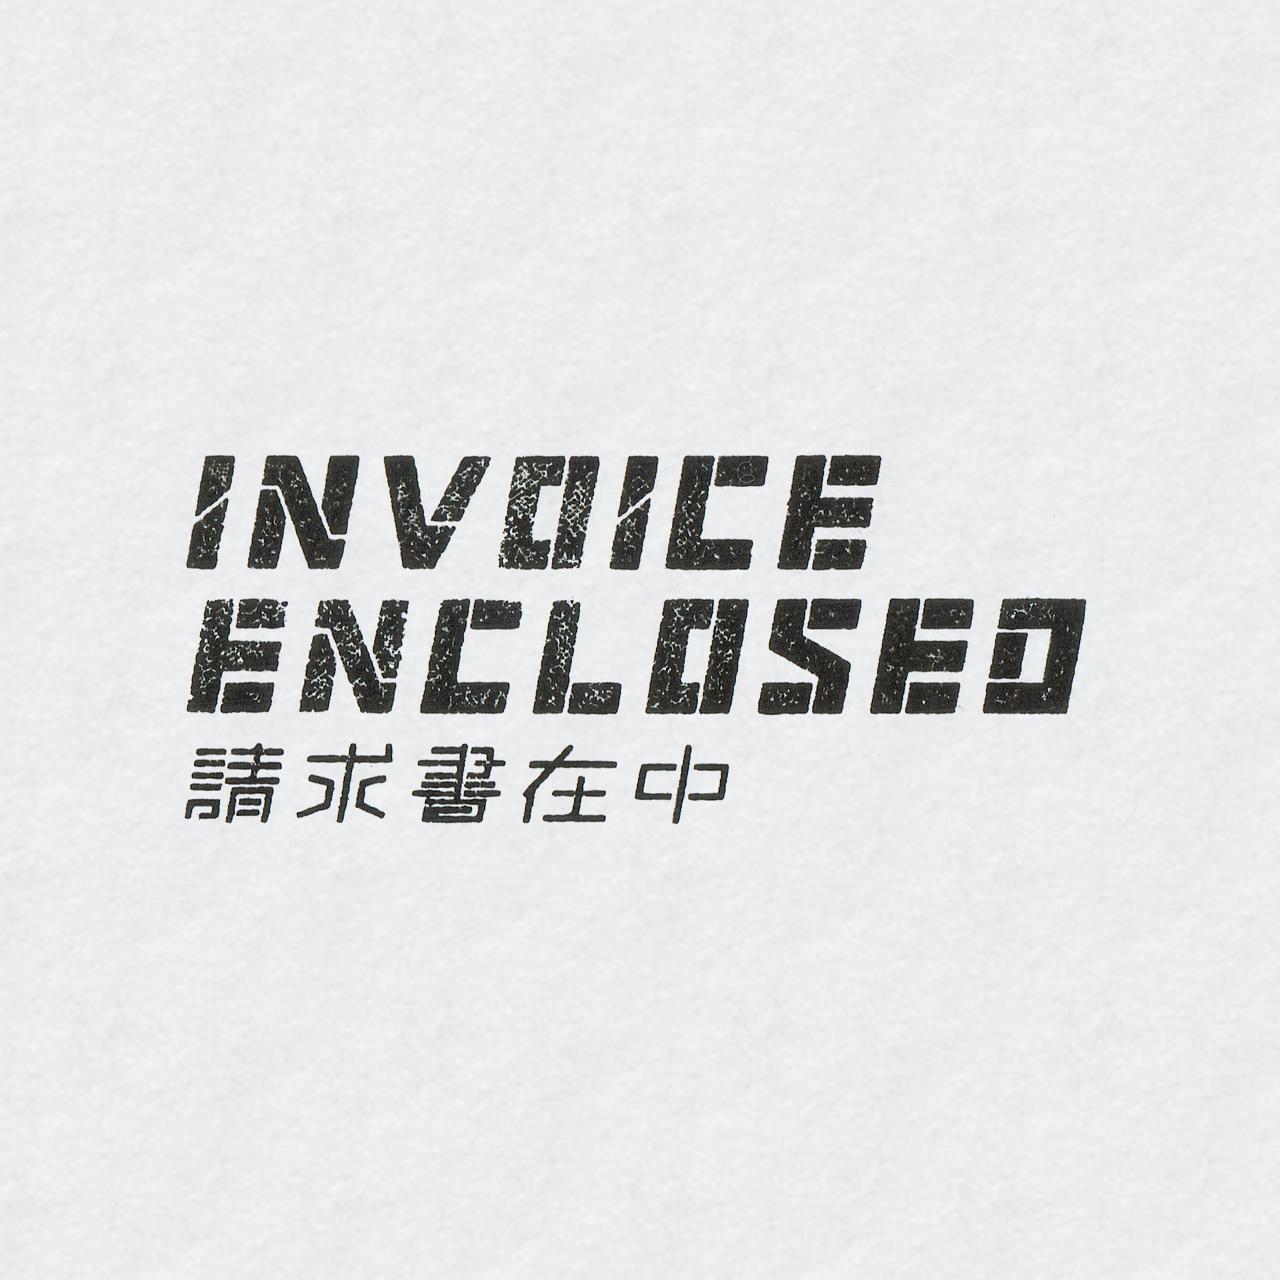 請求書在中ハンコ INVOICE_01(ゴム印)